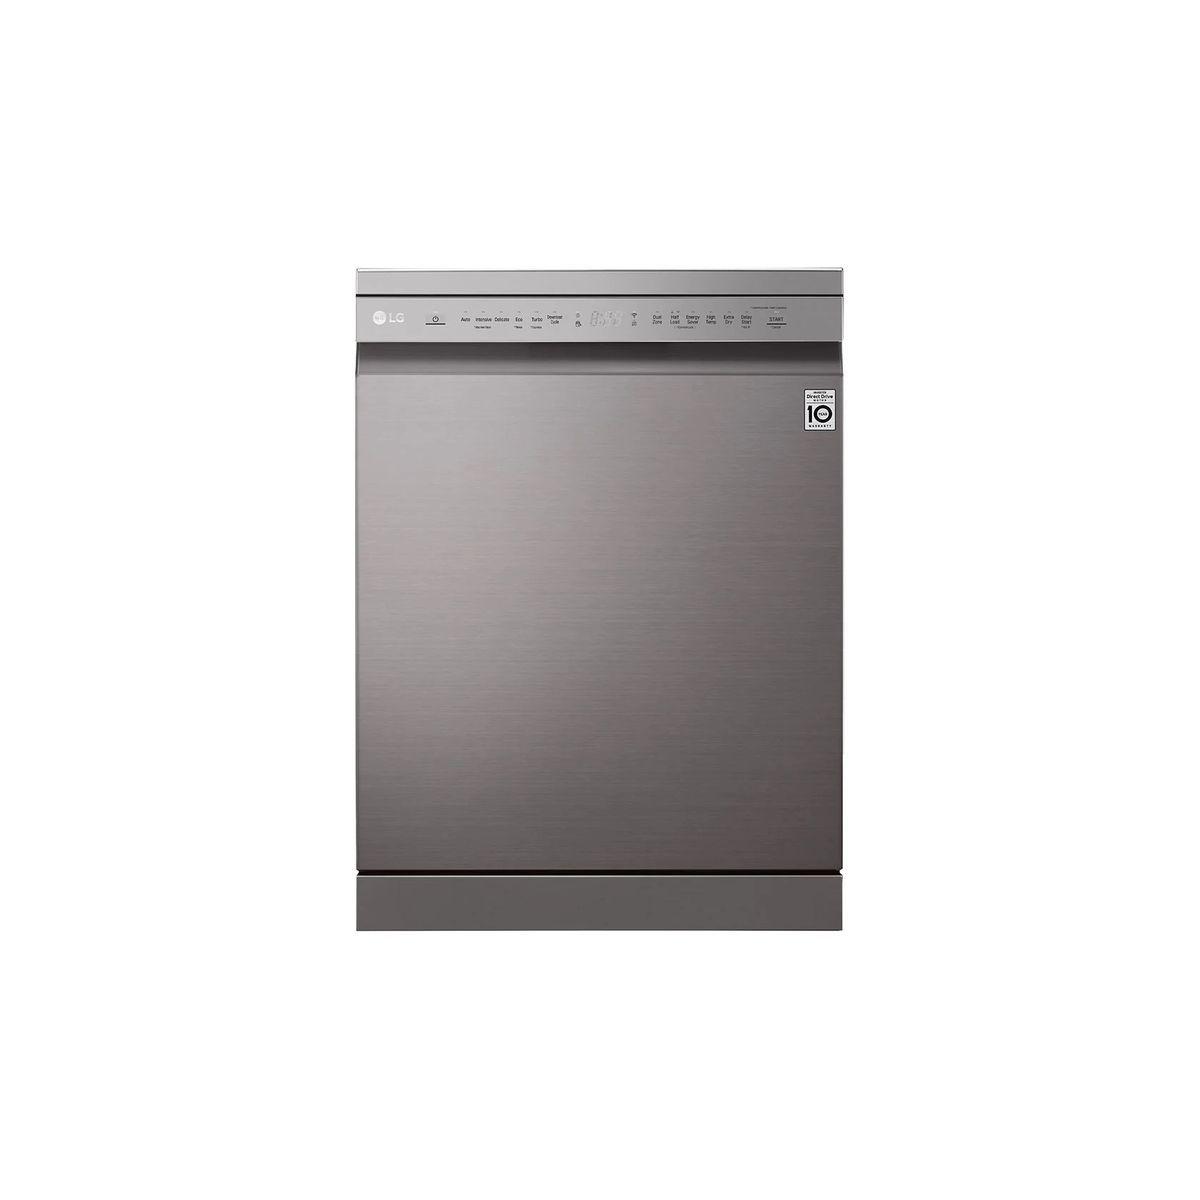 Lave vaisselle pose libre, DF325FP, 14 couverts, 60 cm, 44 dB, 9 programmes